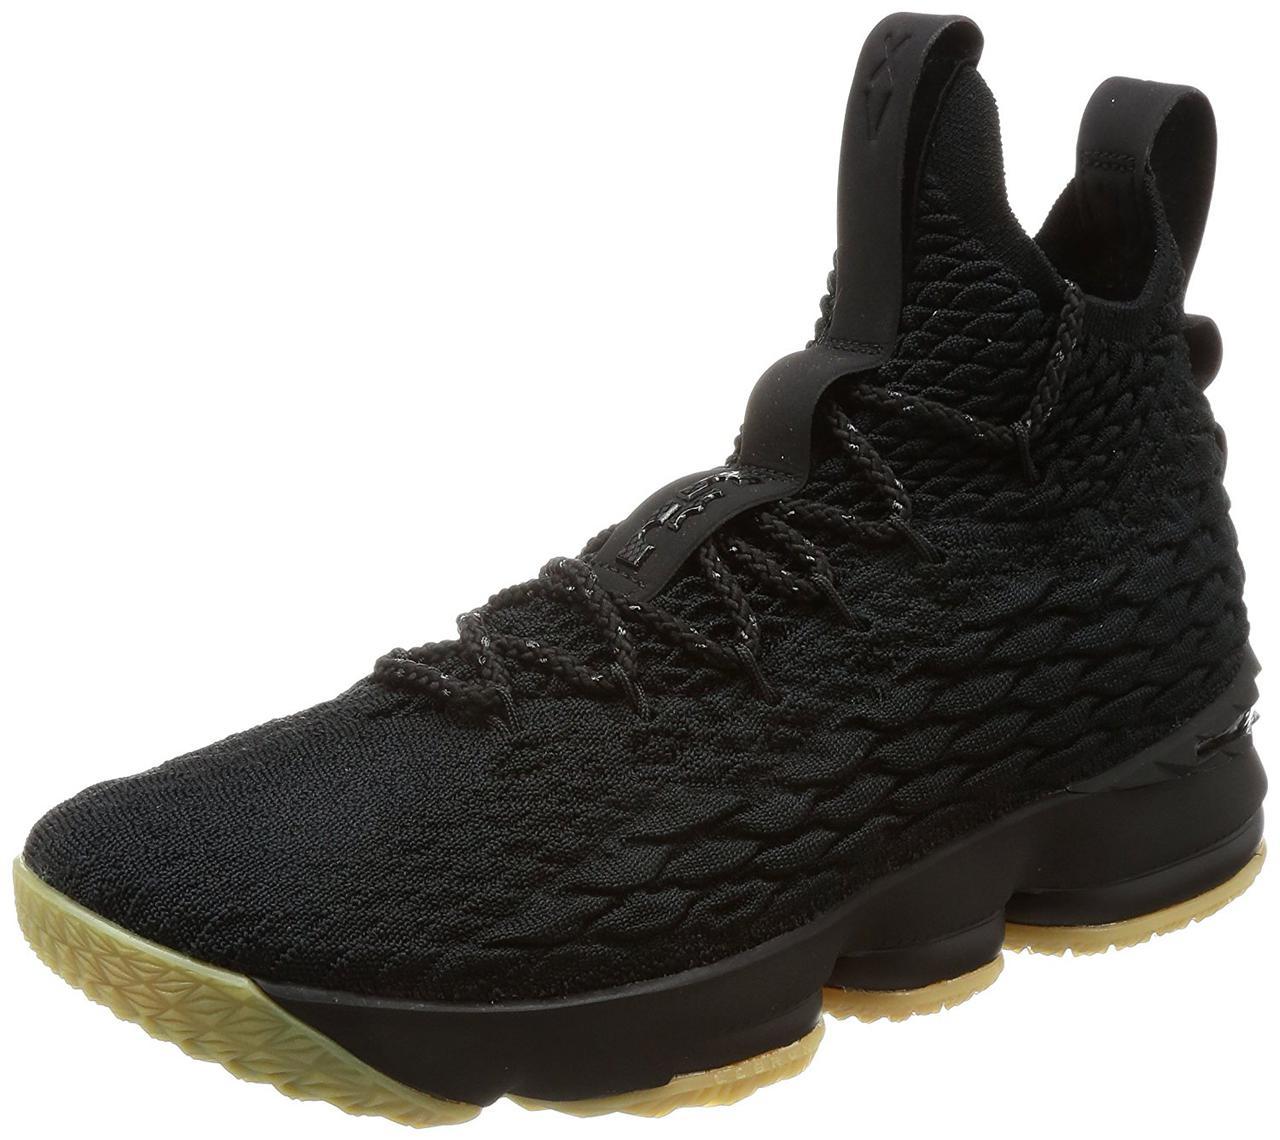 Чоловічі кросівки в стилі LeBron 15 (XV) Performance Review чорні на коричневою підошві